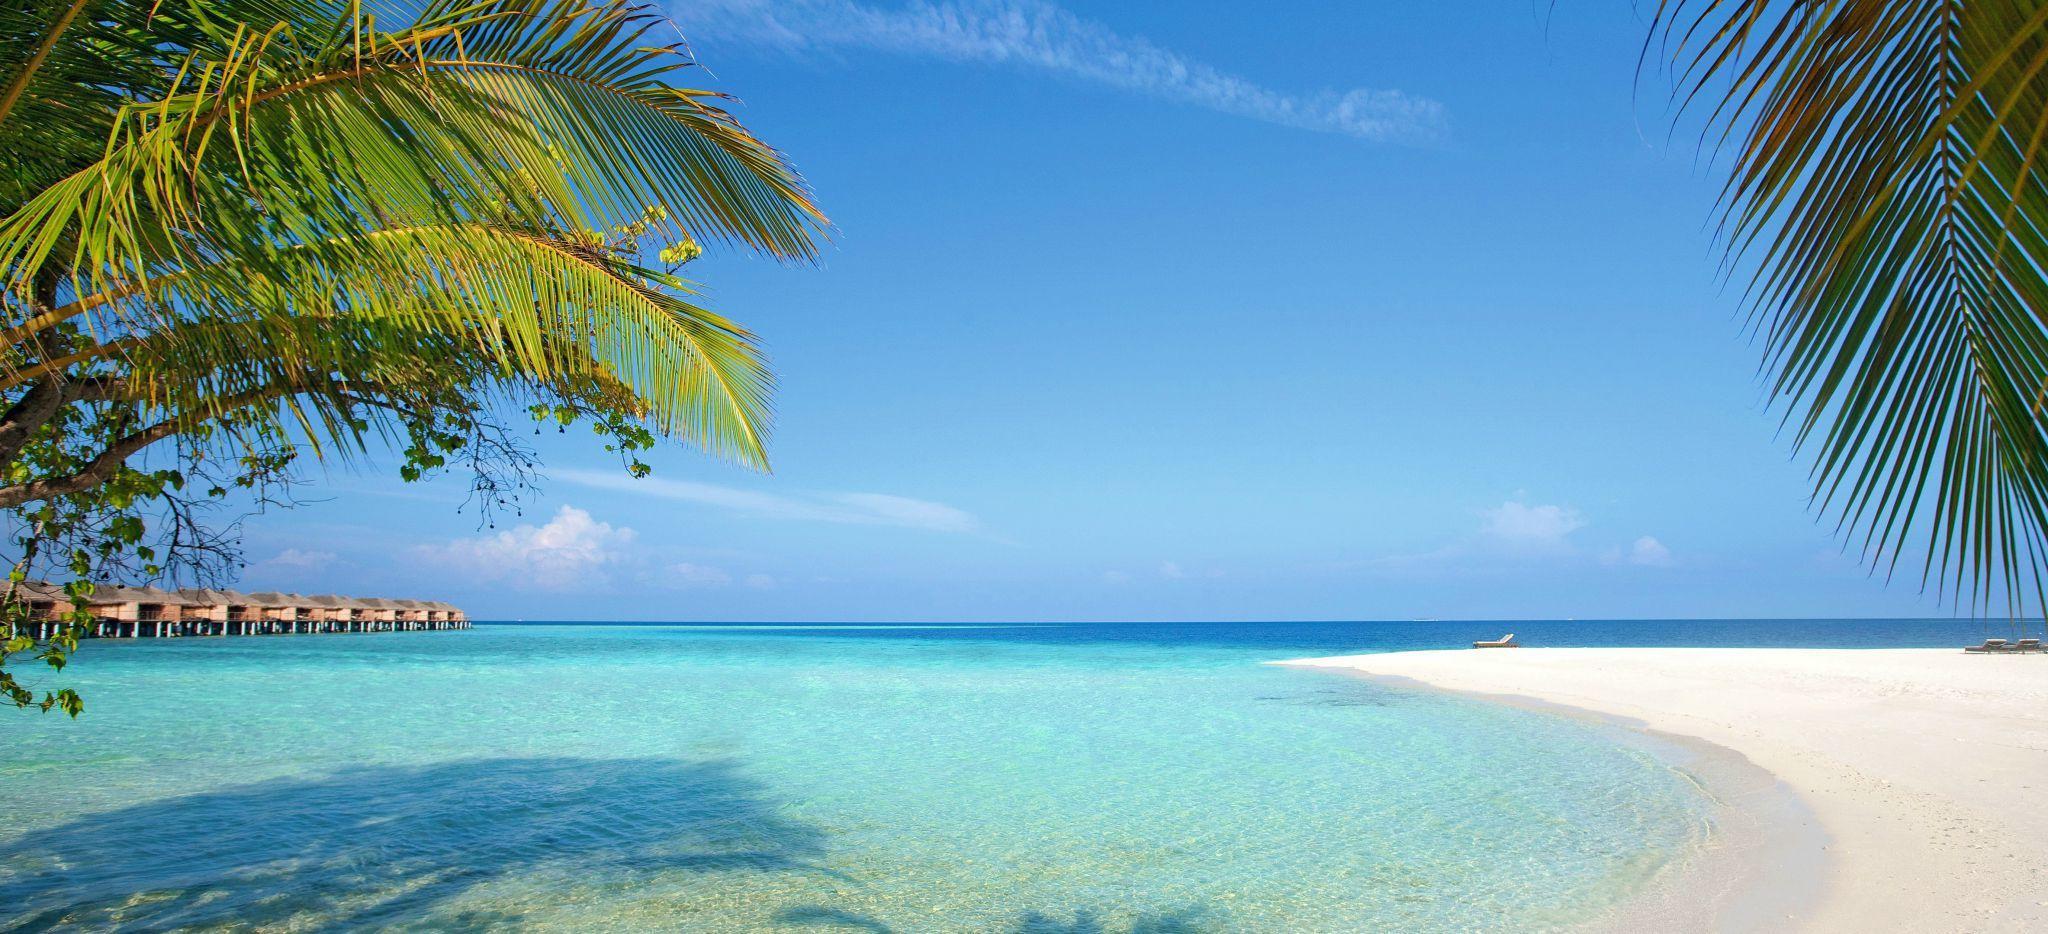 Ein Strand unter Palmen und Laubbäumen, im Hintergrund die Wasservillen des Hotels Constance Moofushi auf den Malediven